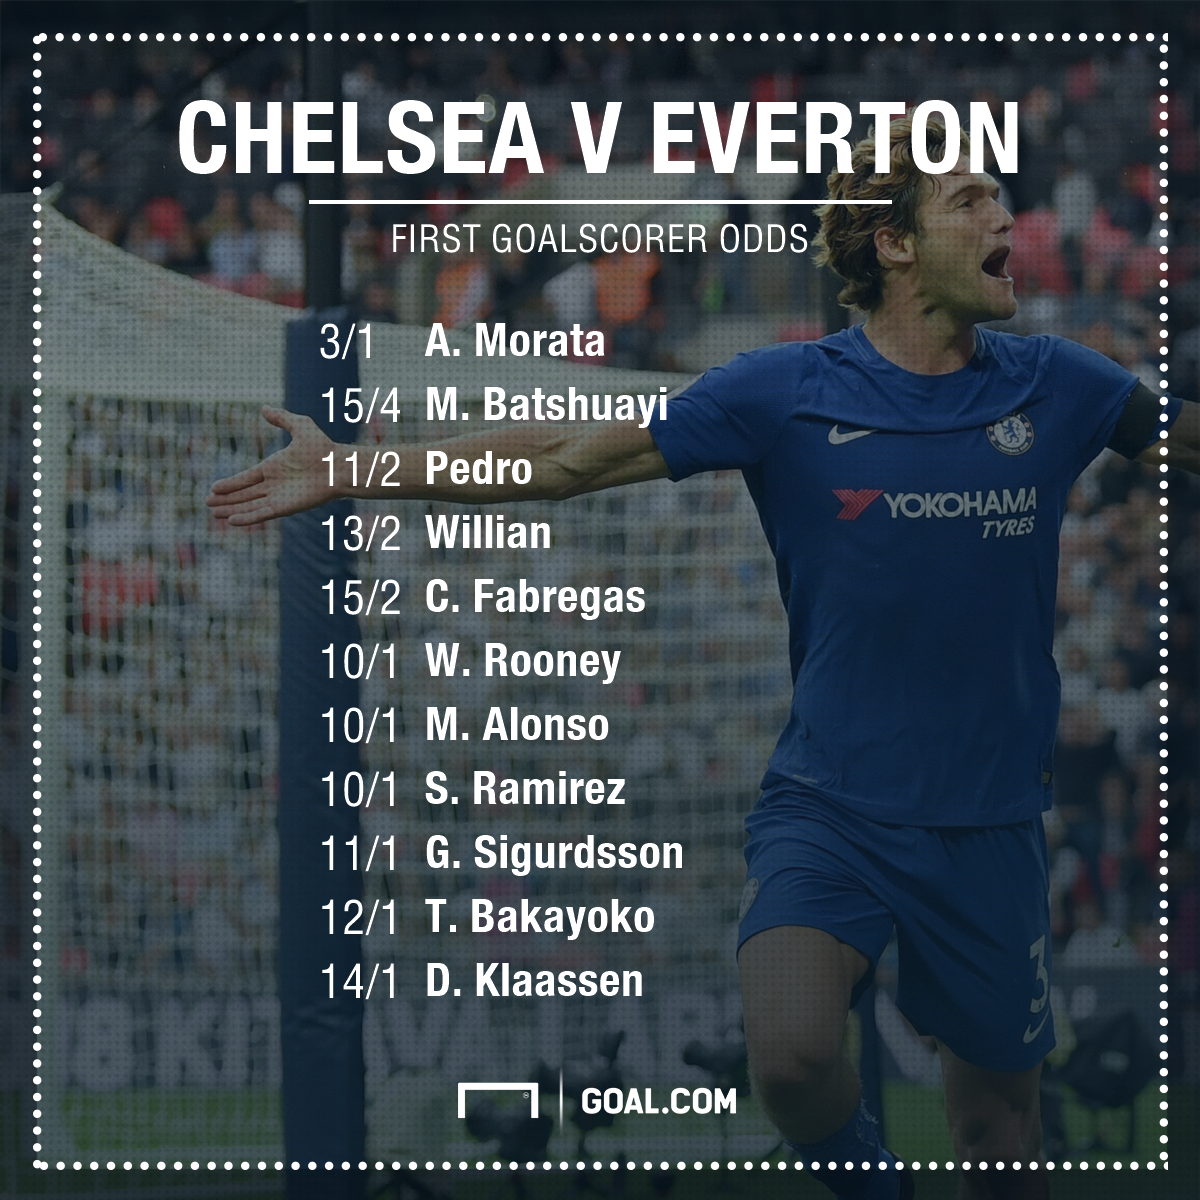 Dabblebet odds for Chelsea Everton GFX